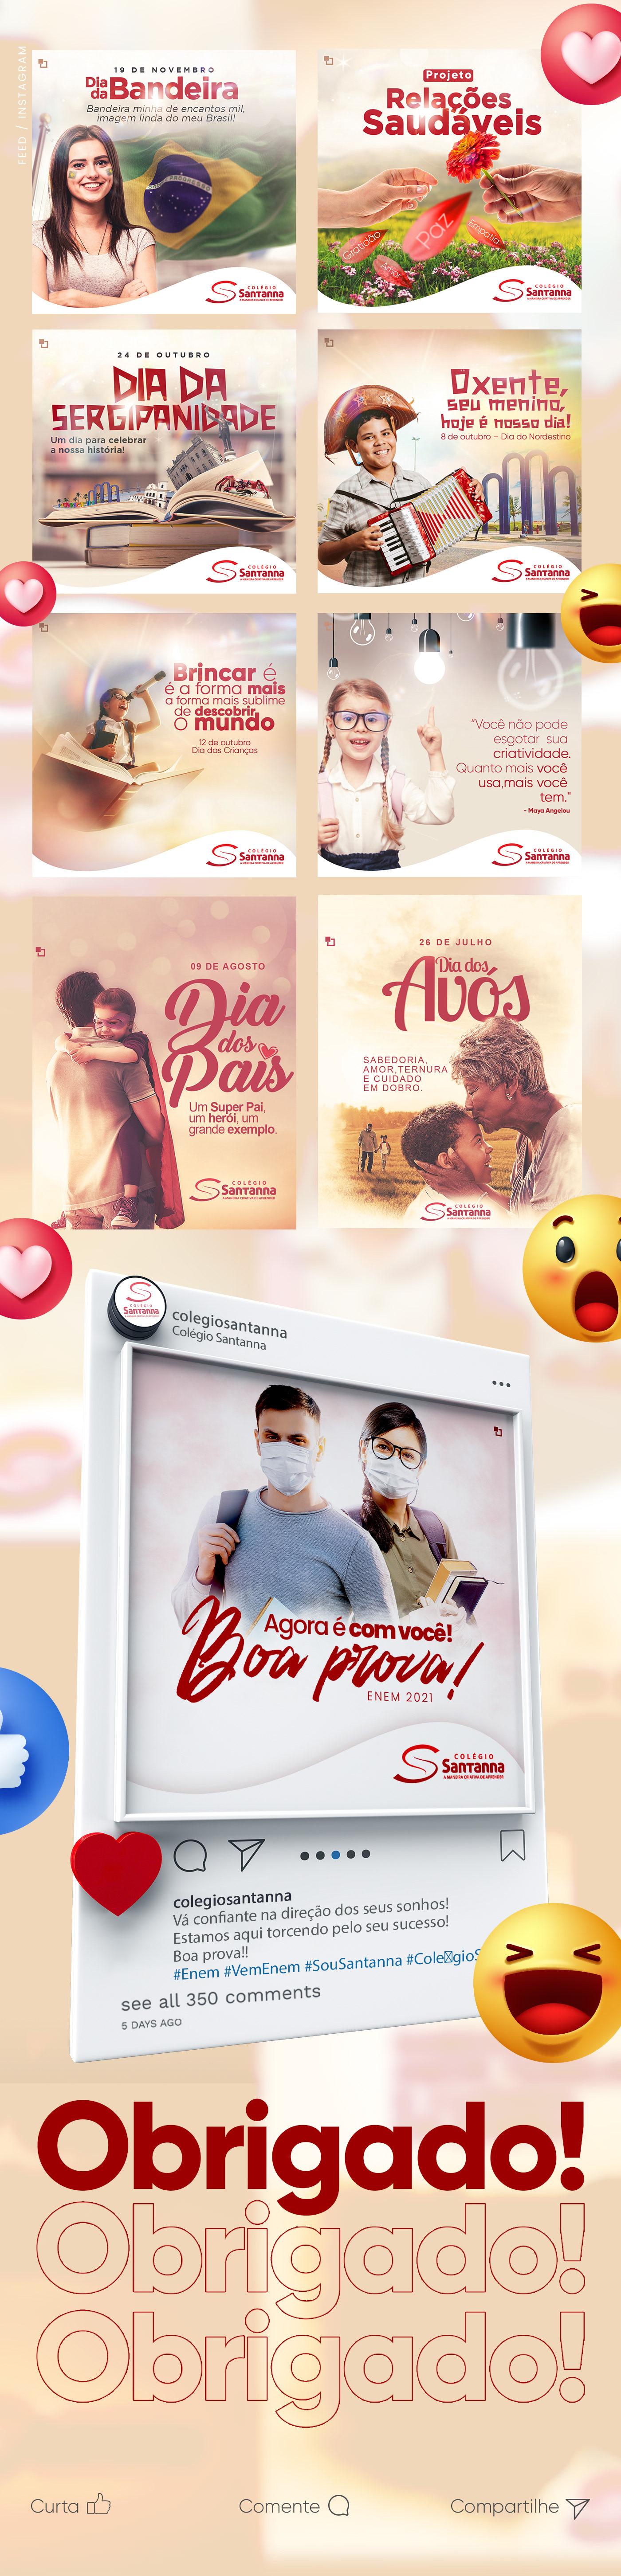 Colégio educação escola facebook instagram marketing digital photoshop rede social sergipe social media